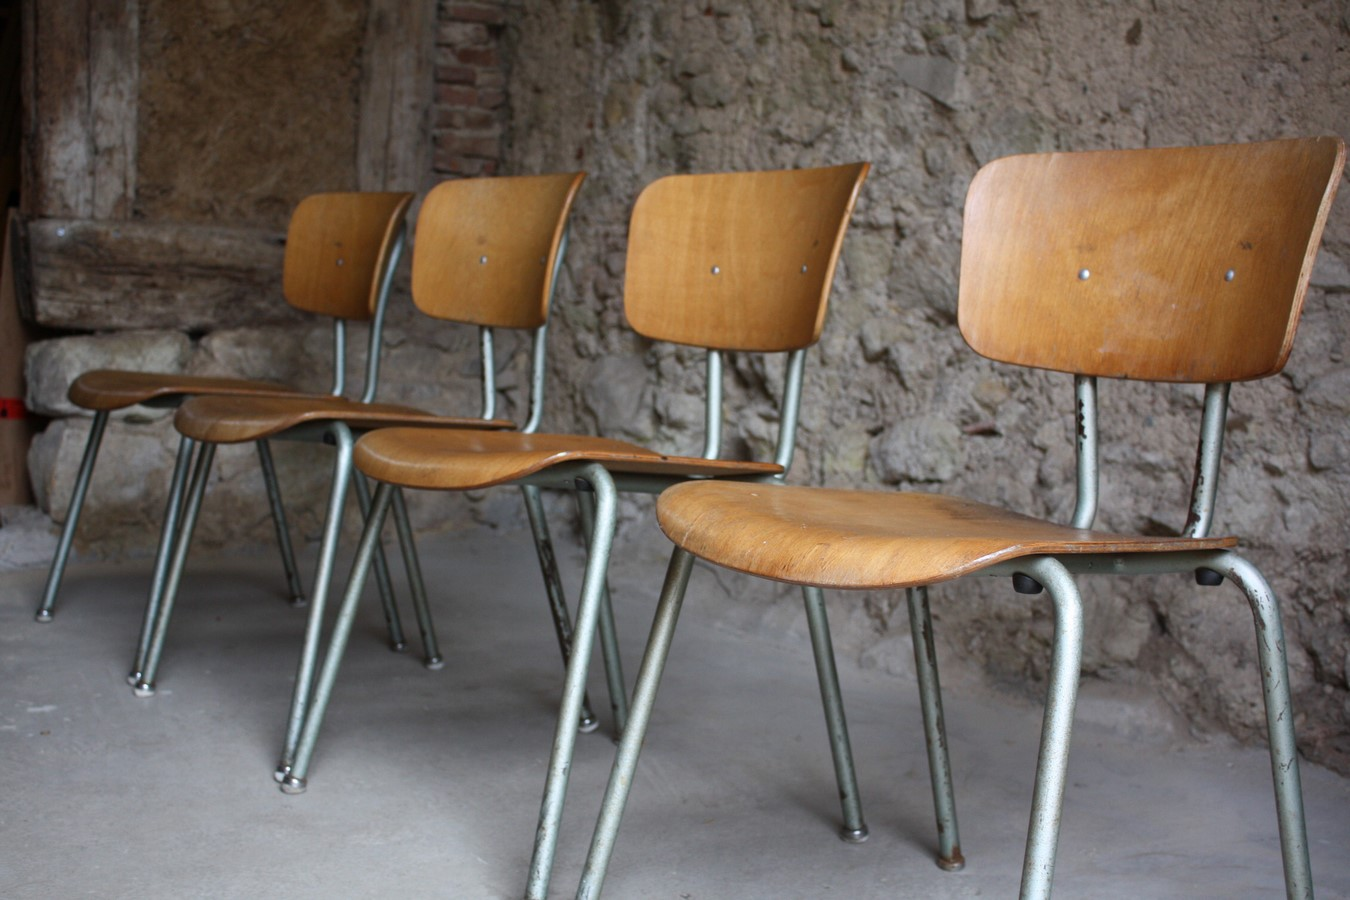 Bürostühle Campus-Stühle Industriedesign (1 v 1) | Design ...